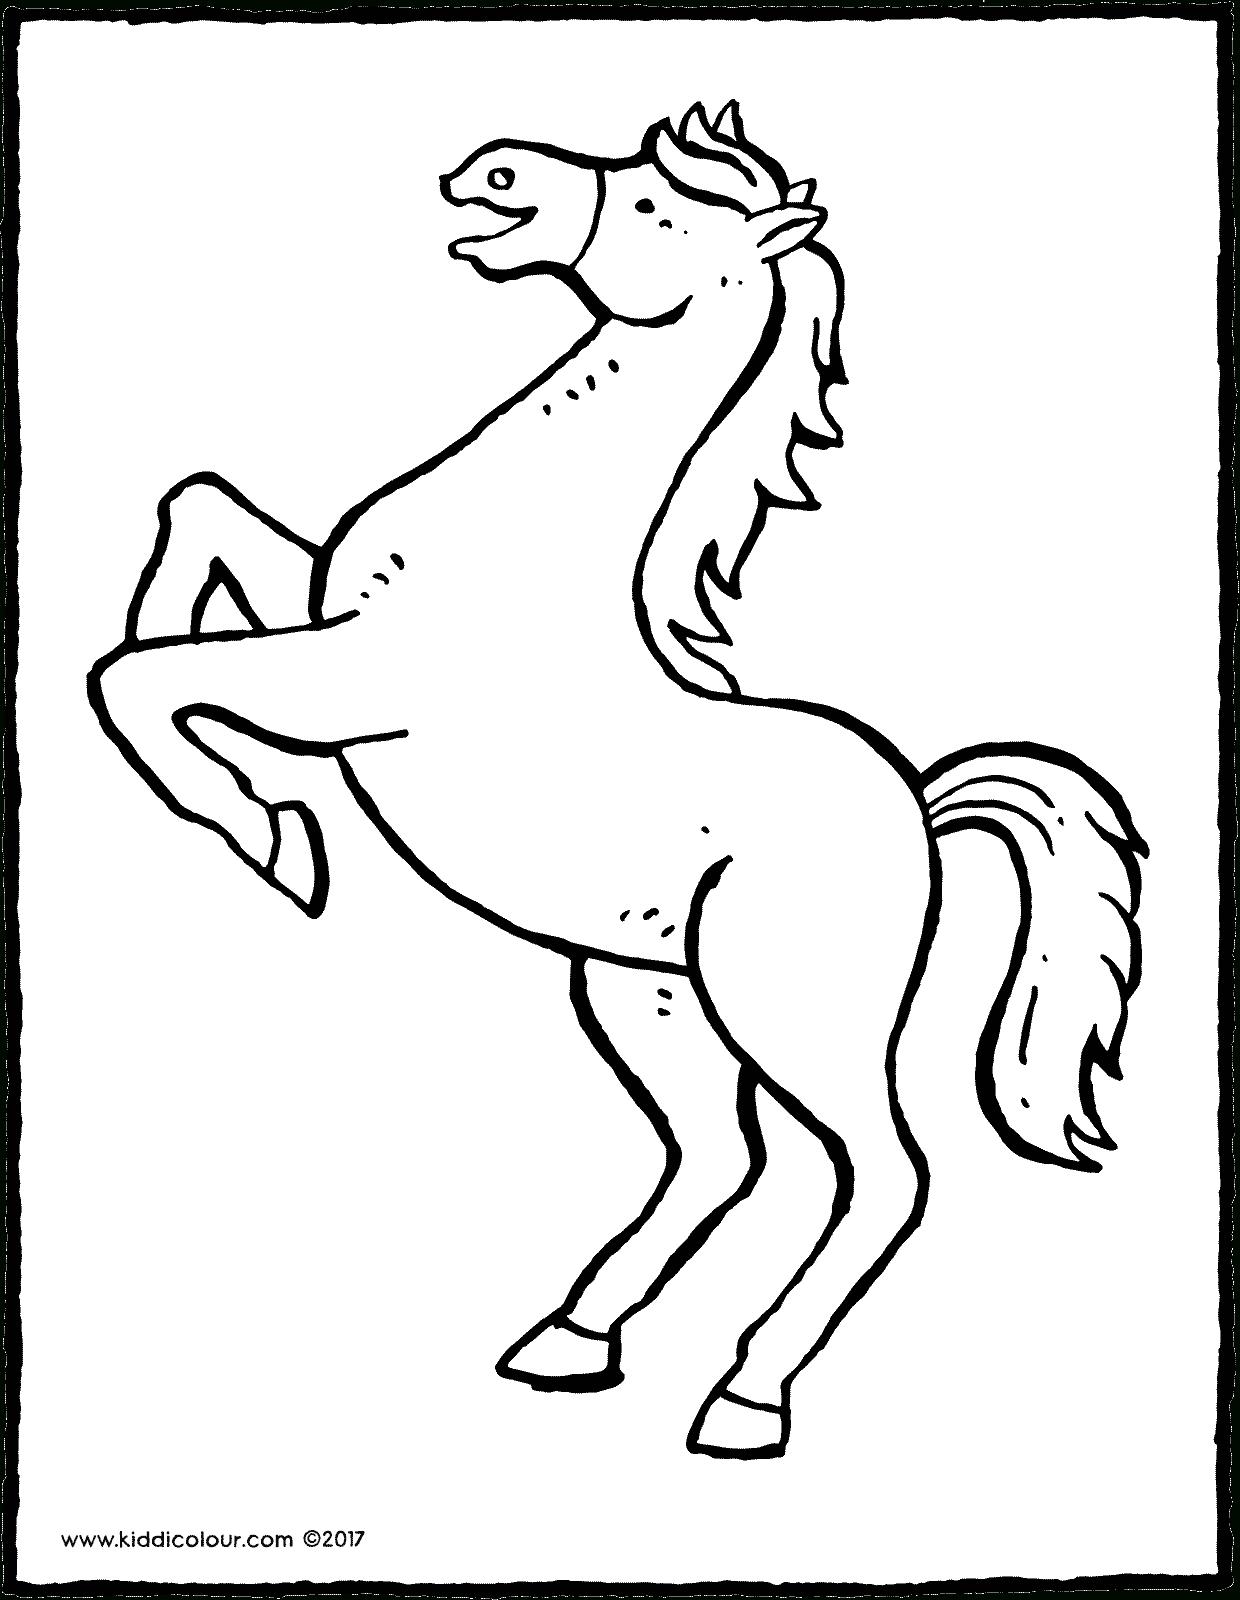 Steigendes Pferd Malvorlage | Coloring And Malvorlagan bestimmt für Steigendes Pferd Zeichnen